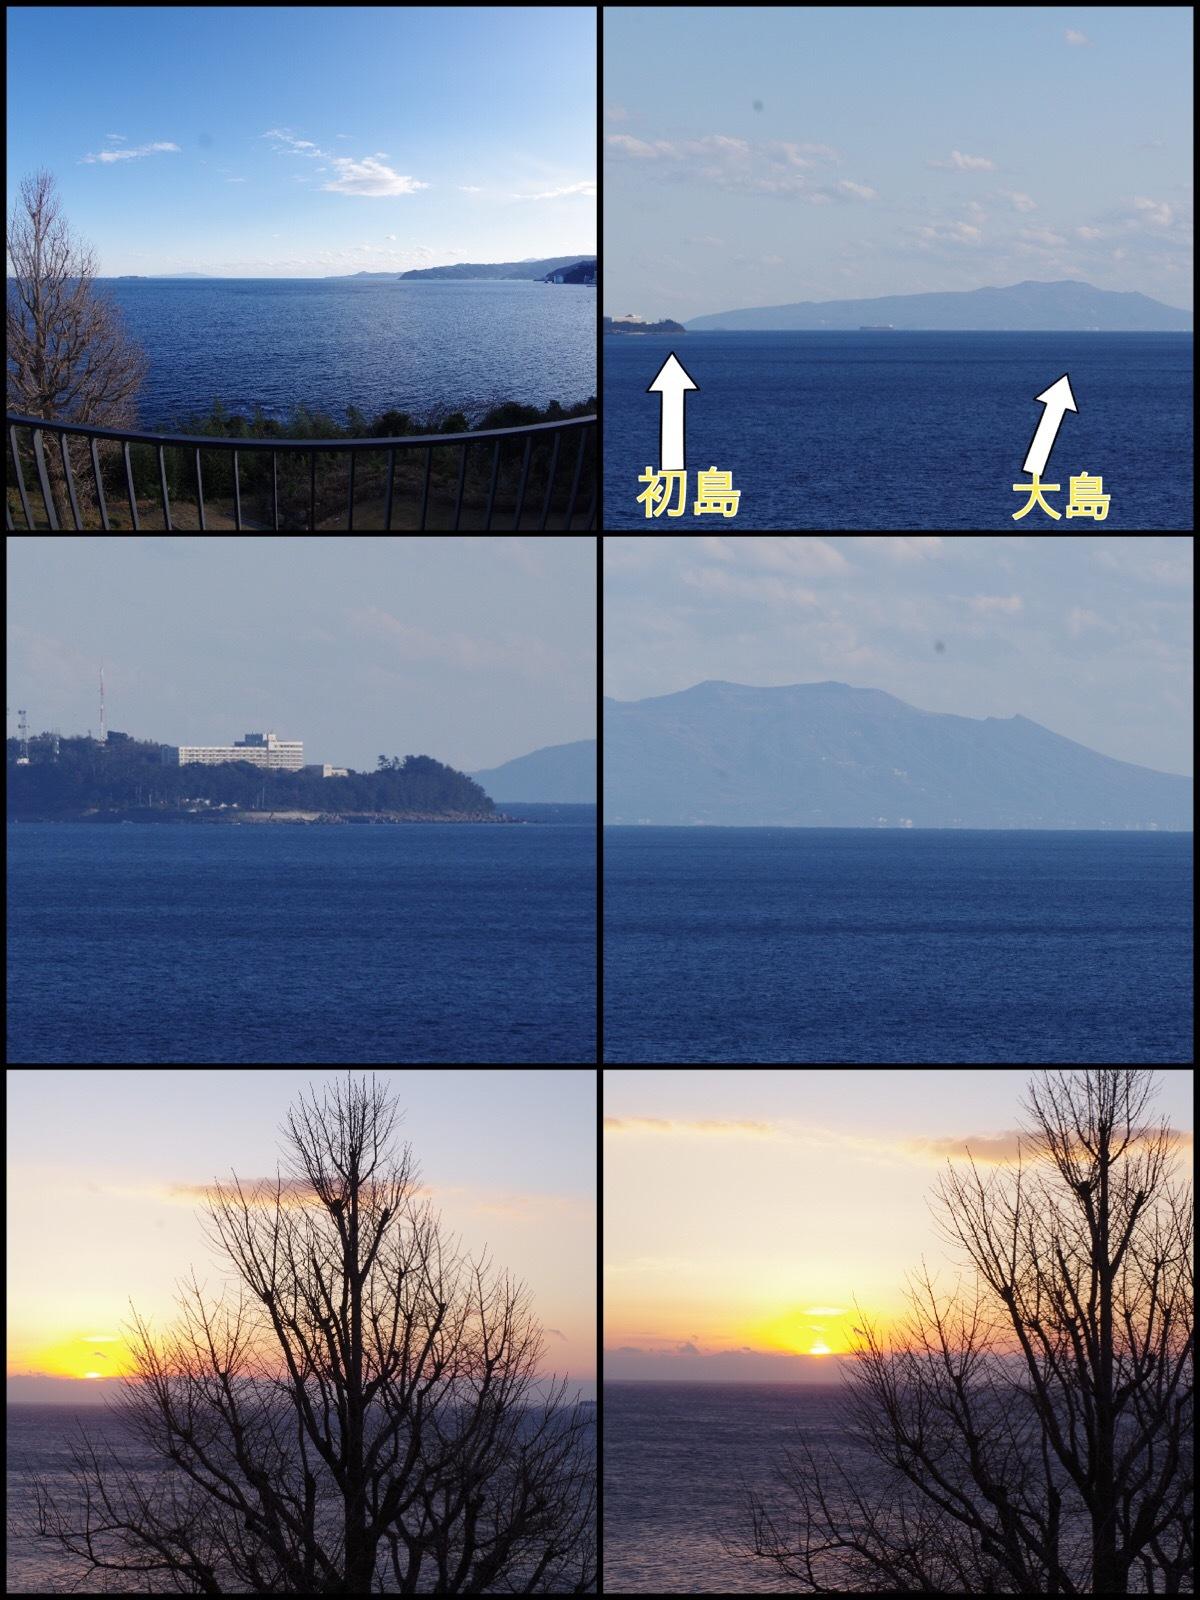 熱海ドライブ旅行 初島 伊豆大島が重なって見える